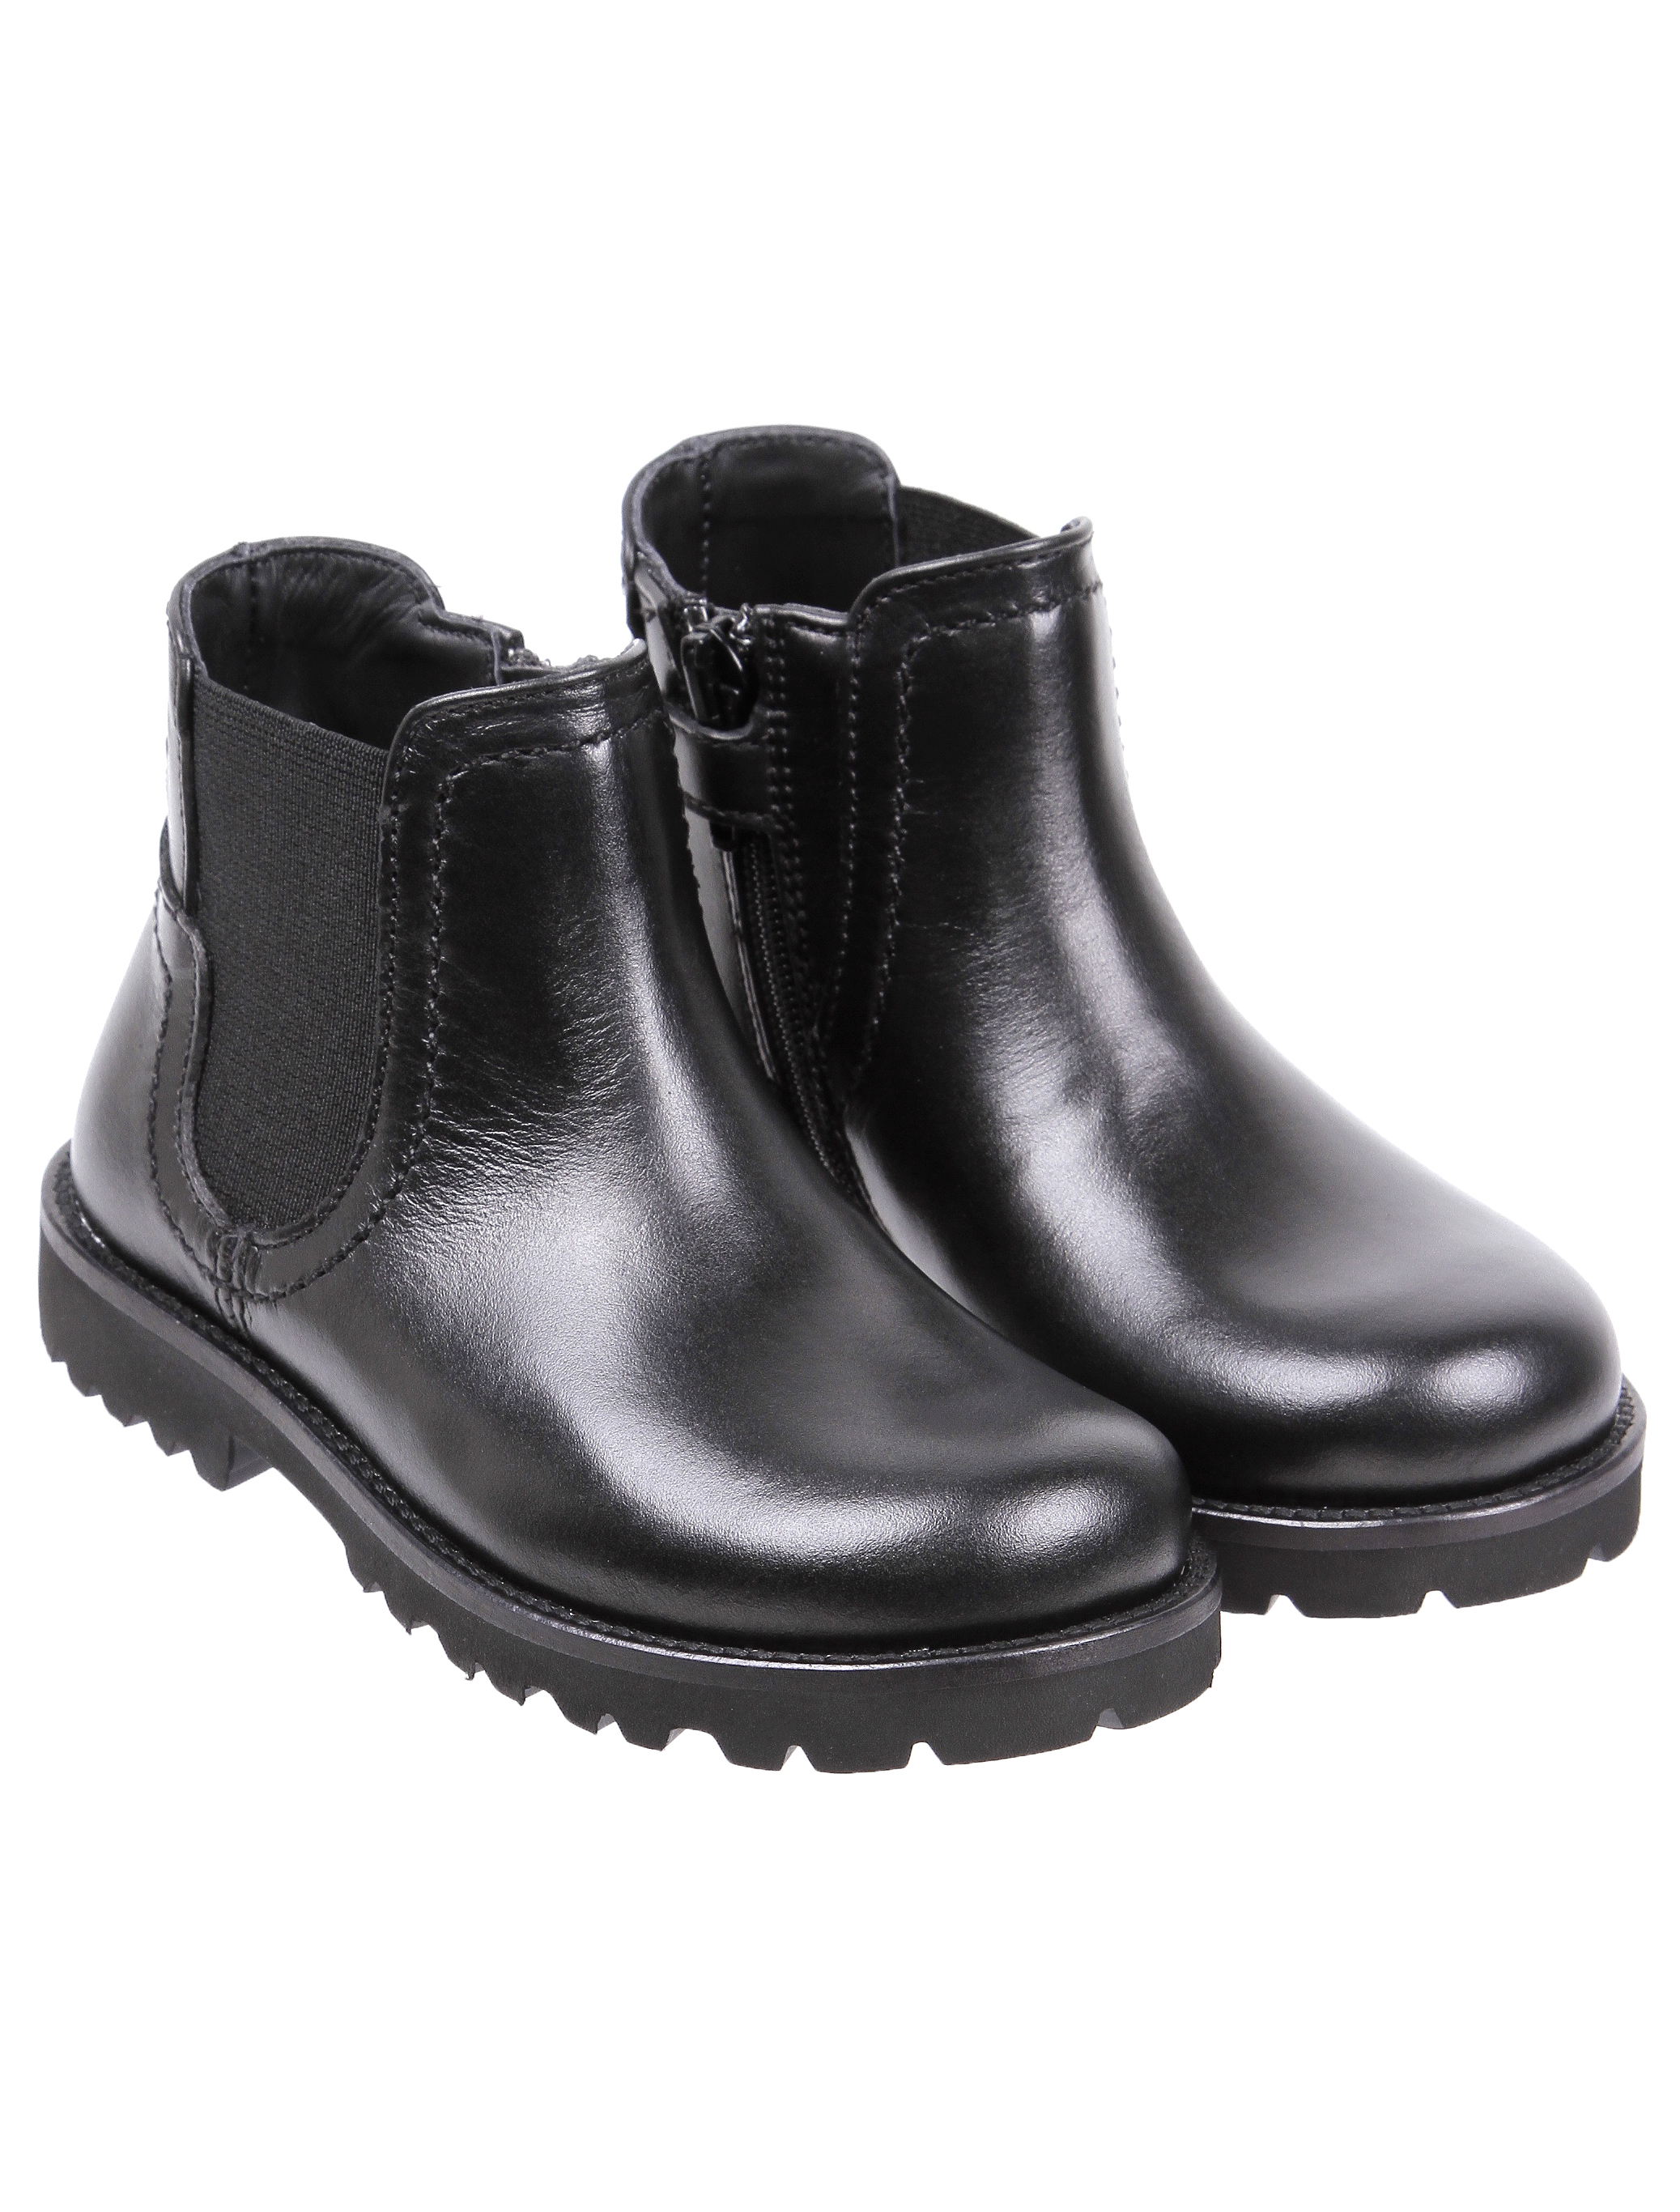 Купить 1845409, Ботинки Dolce & Gabbana, черный, Мужской, 2031119880243